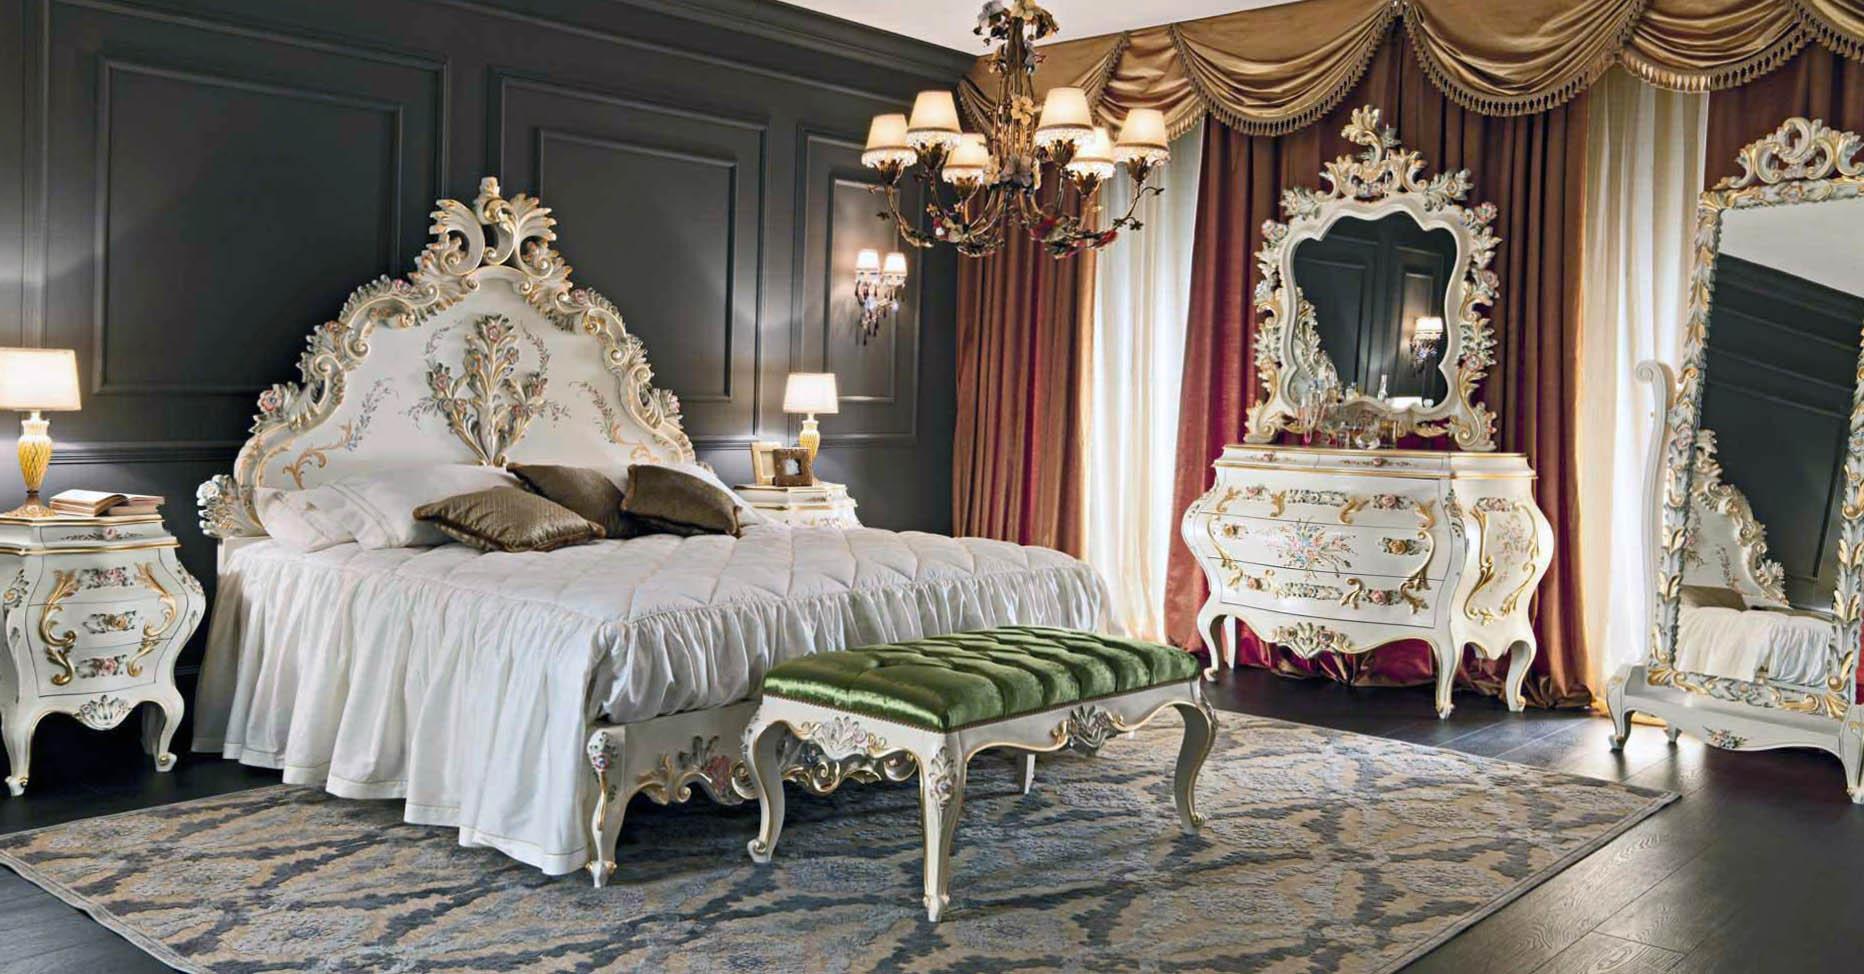 Для оформления спальни использовался контраст темно-коричневых, золотых, красных и белых цветов. Мебель подобрана в соответствии со стилем барокко.